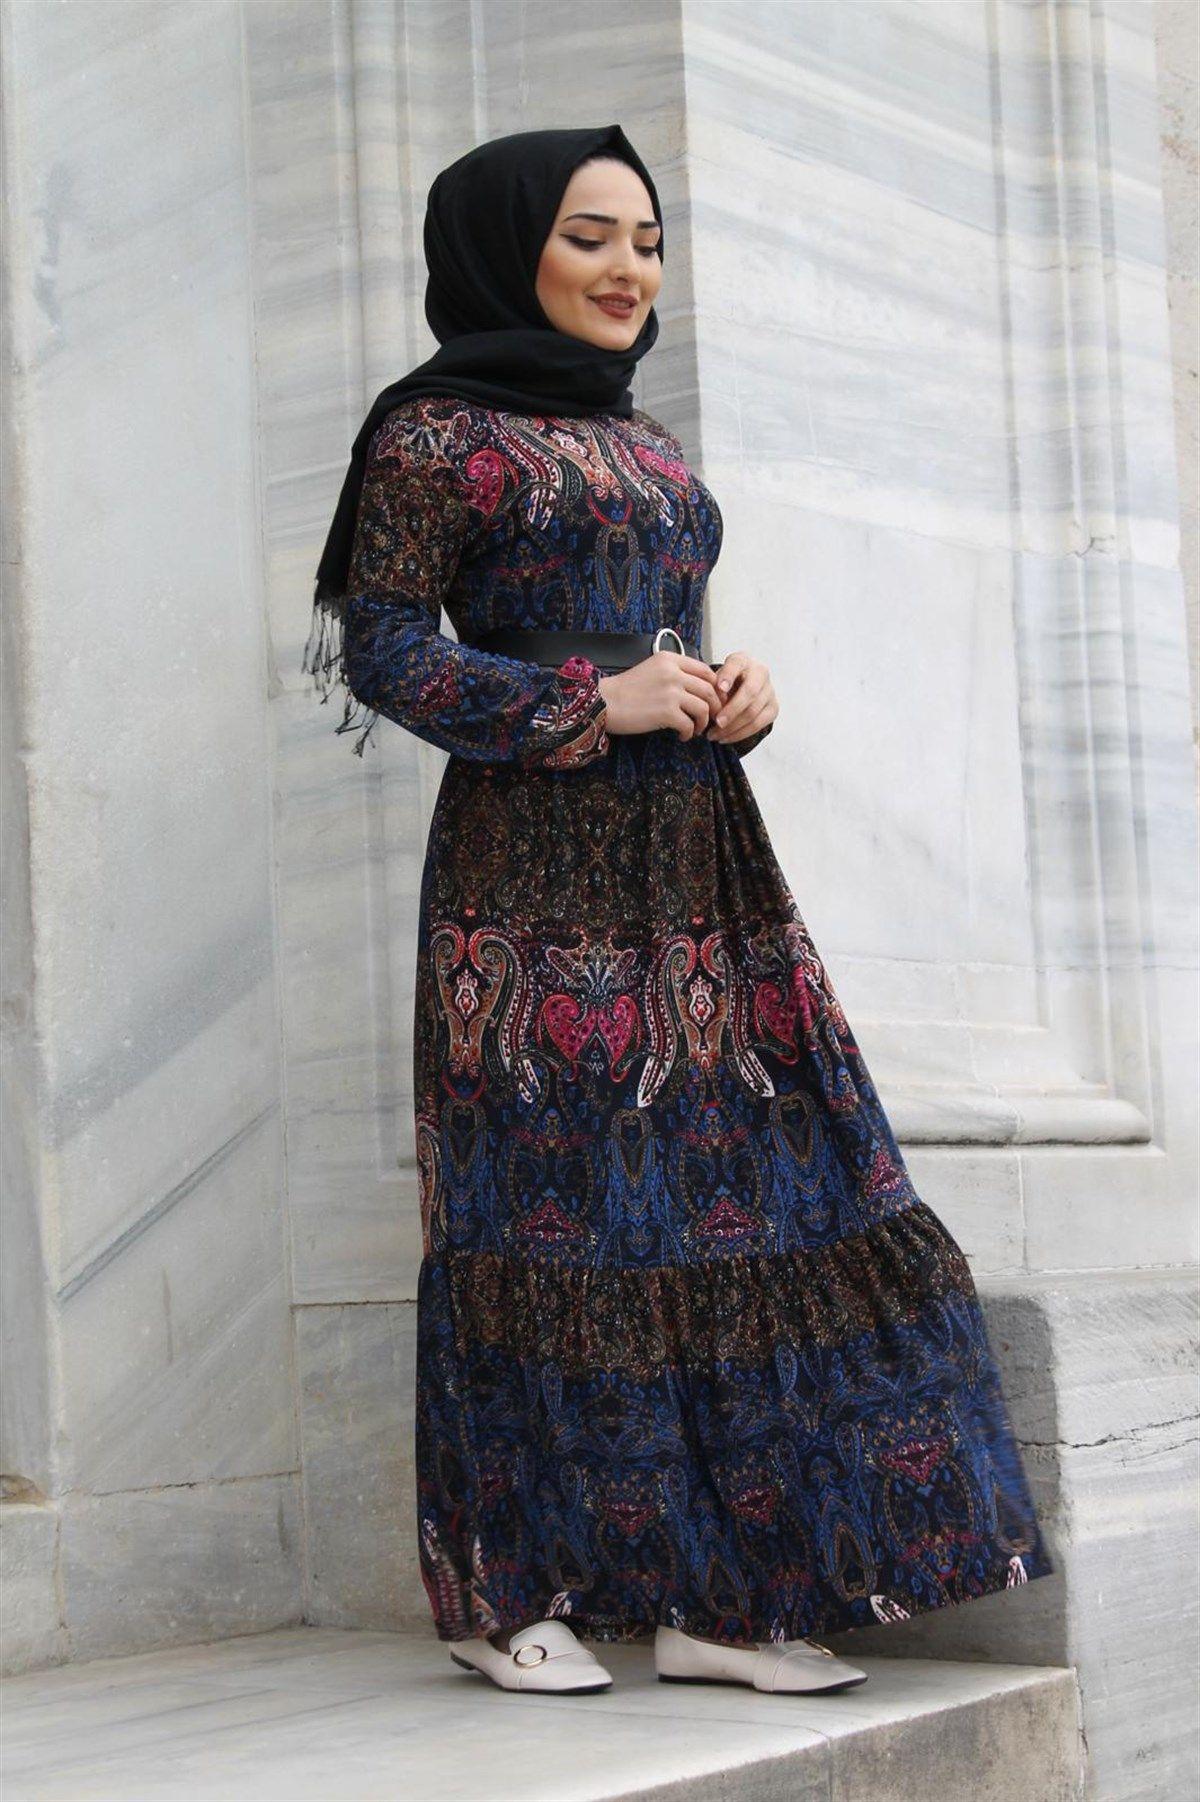 En Sik Gunluk Tesettur Kiyafet Kombinleri Moda Tesettur Giyim Moda Stilleri Elbise Modelleri Kiyafet